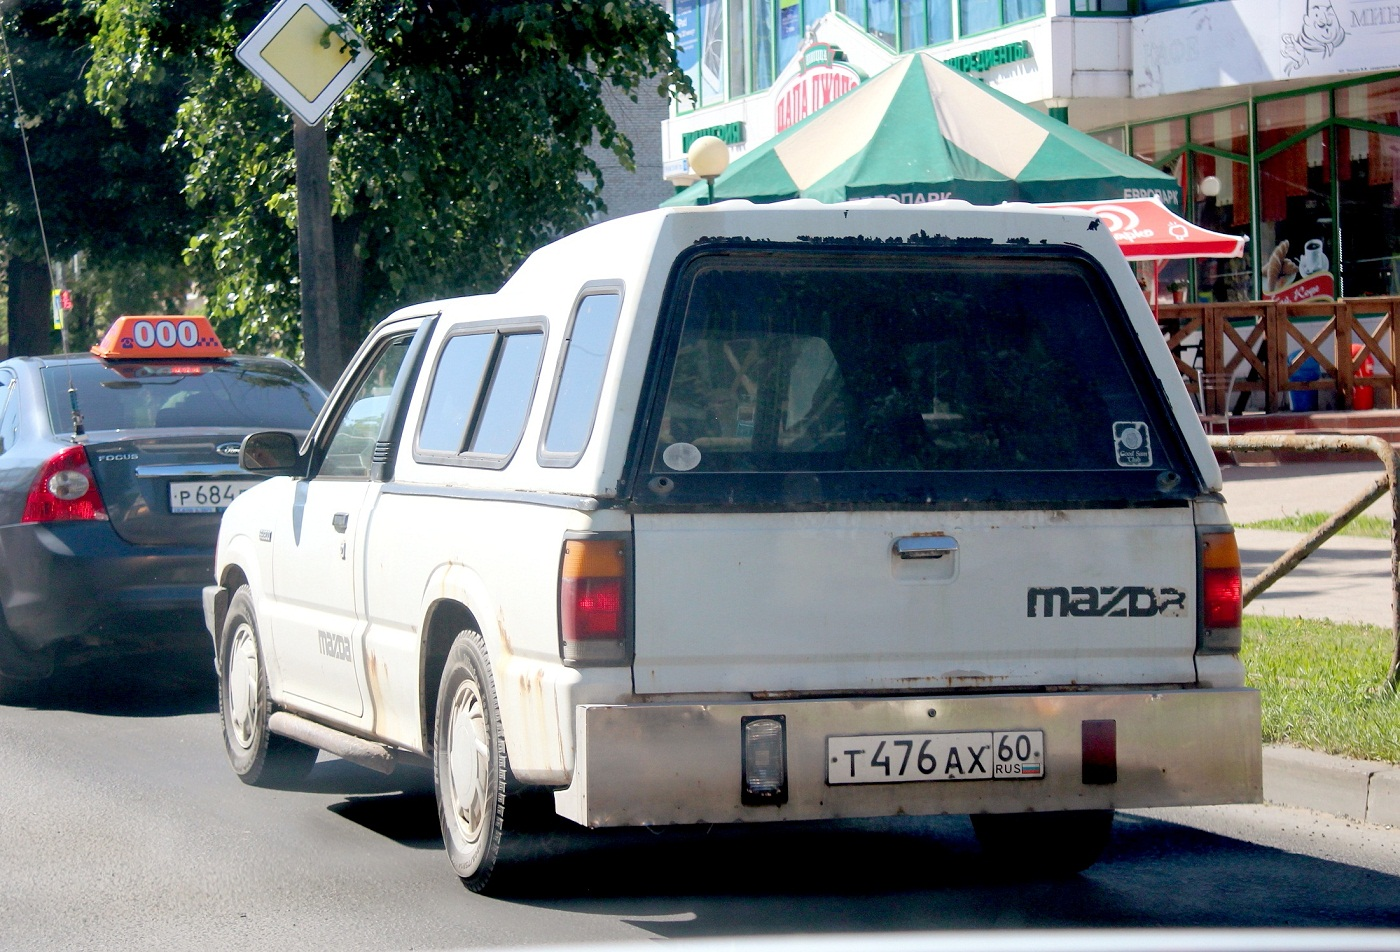 Пикап Mazda B2200 #Т 476 АХ 60. Псков, Рижский проспект